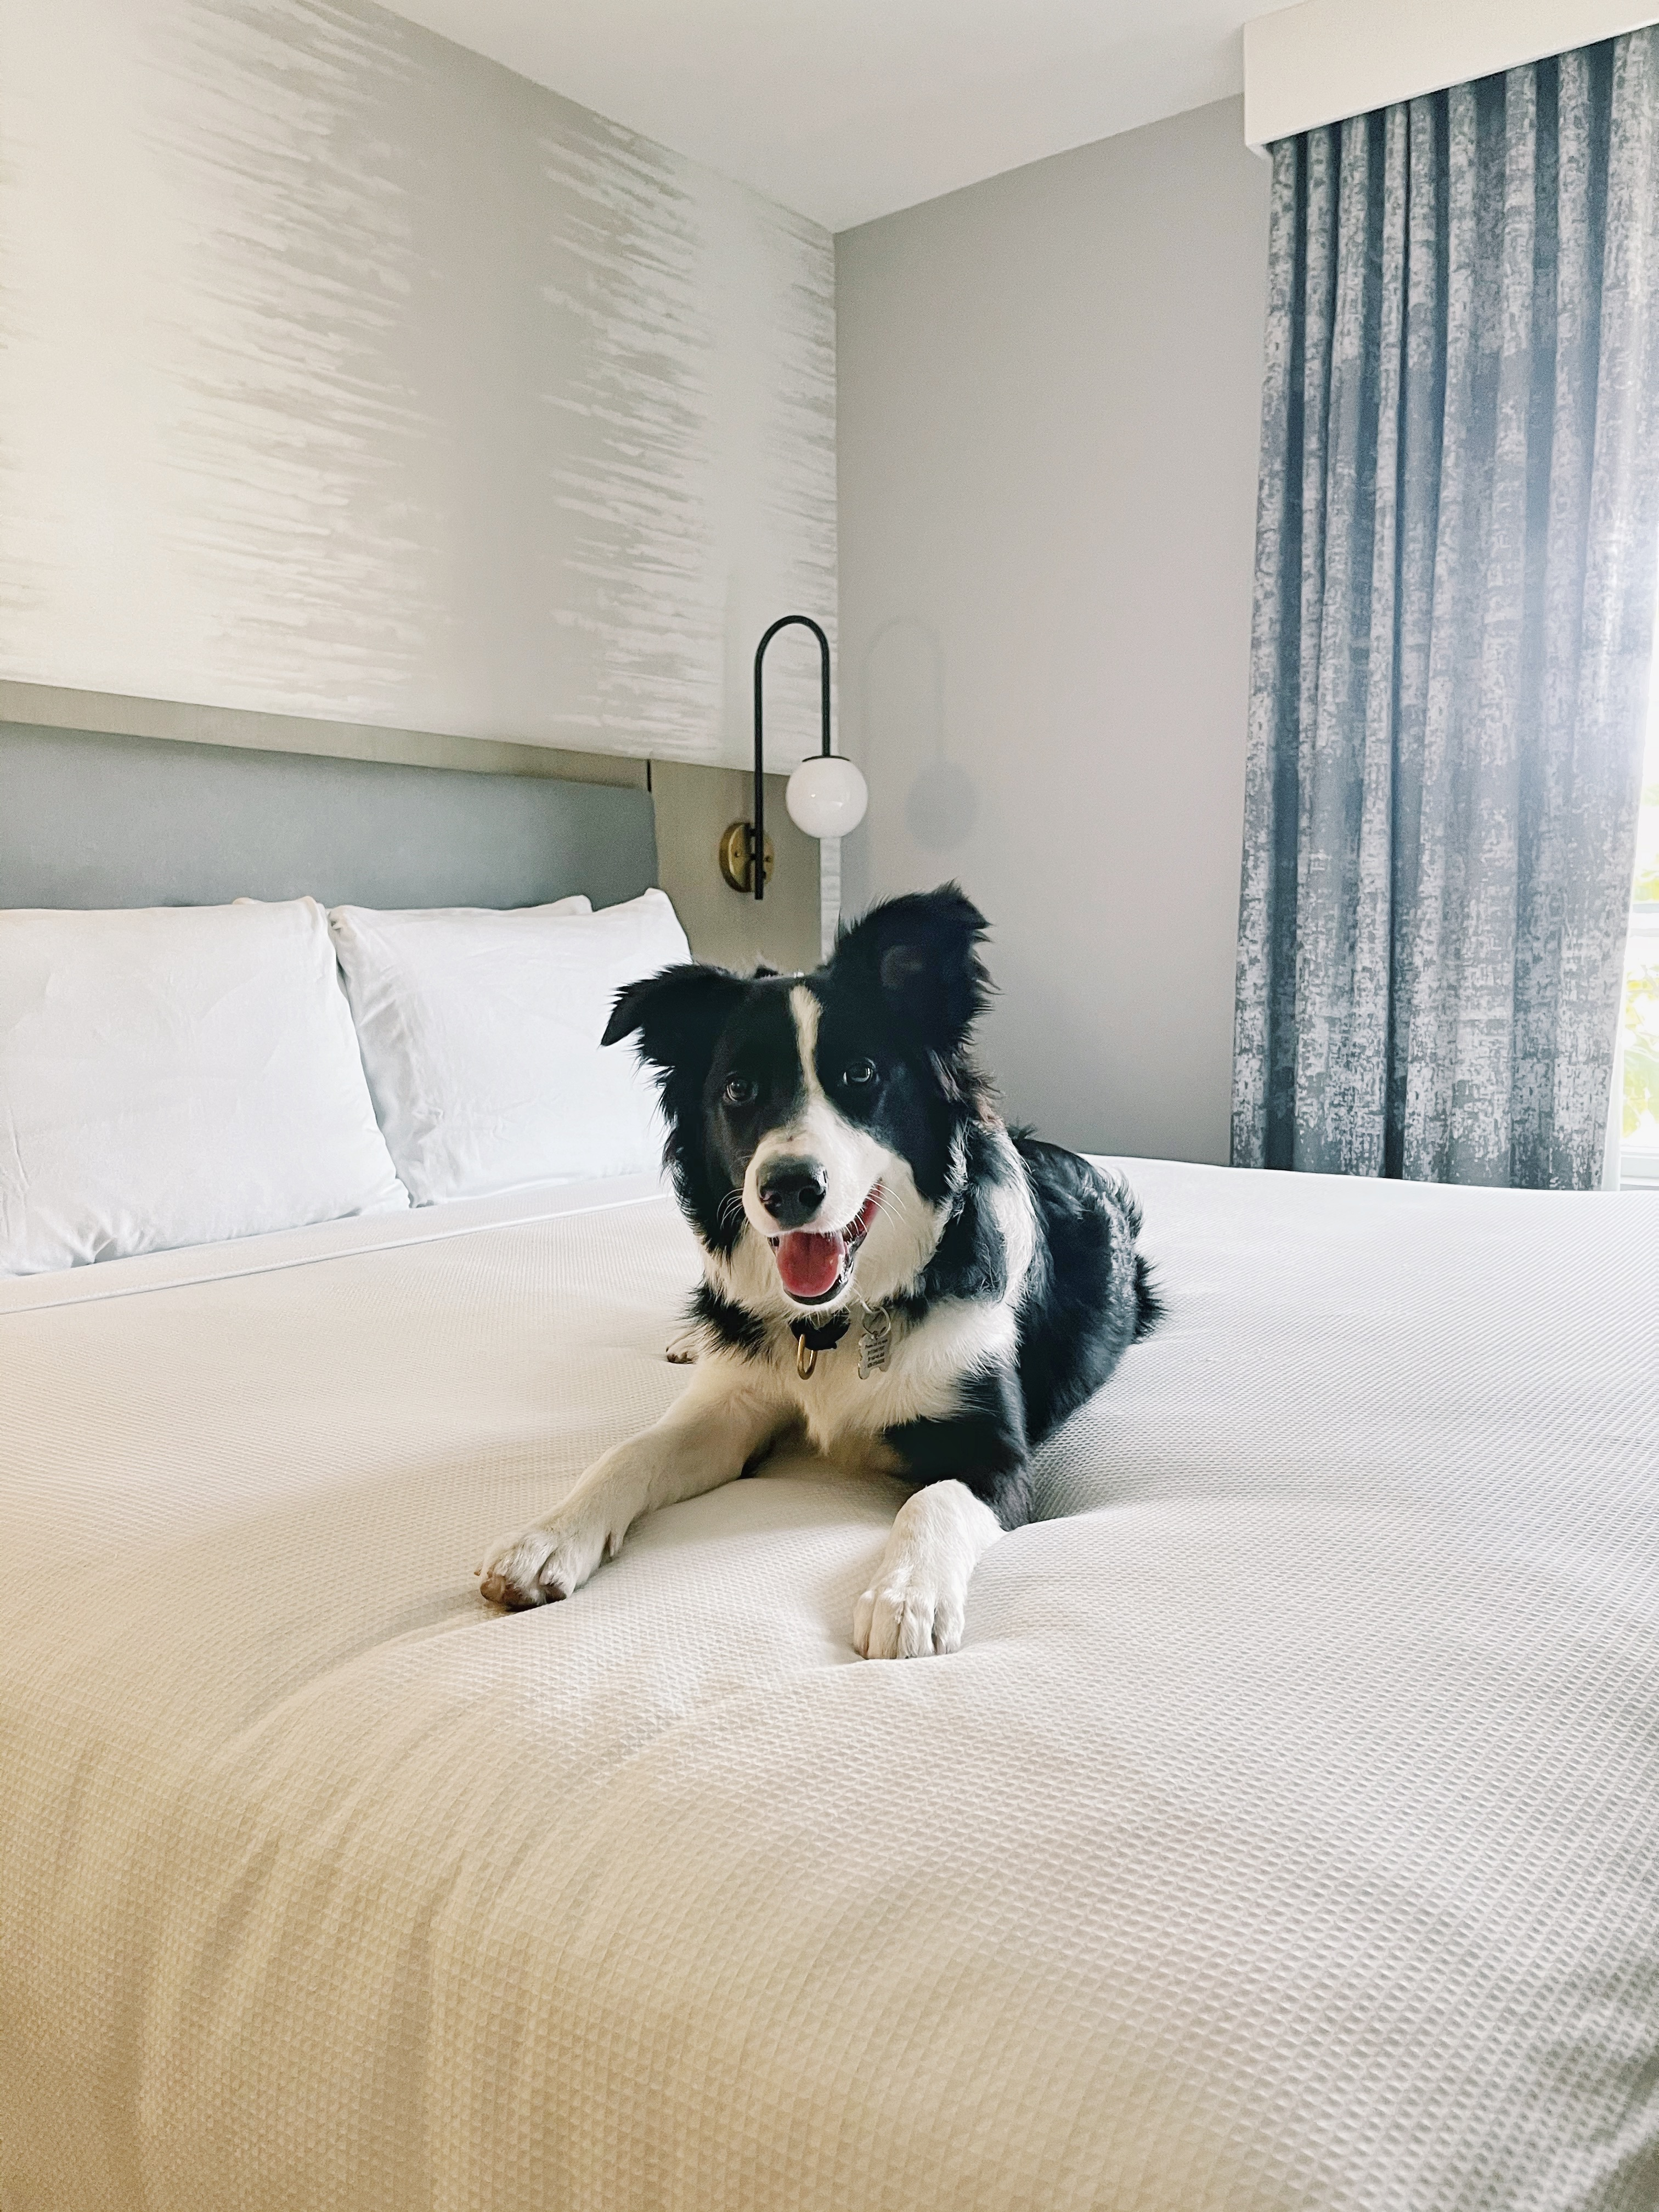 圣塔芭芭拉带狗旅行度假攻略第一篇 图8